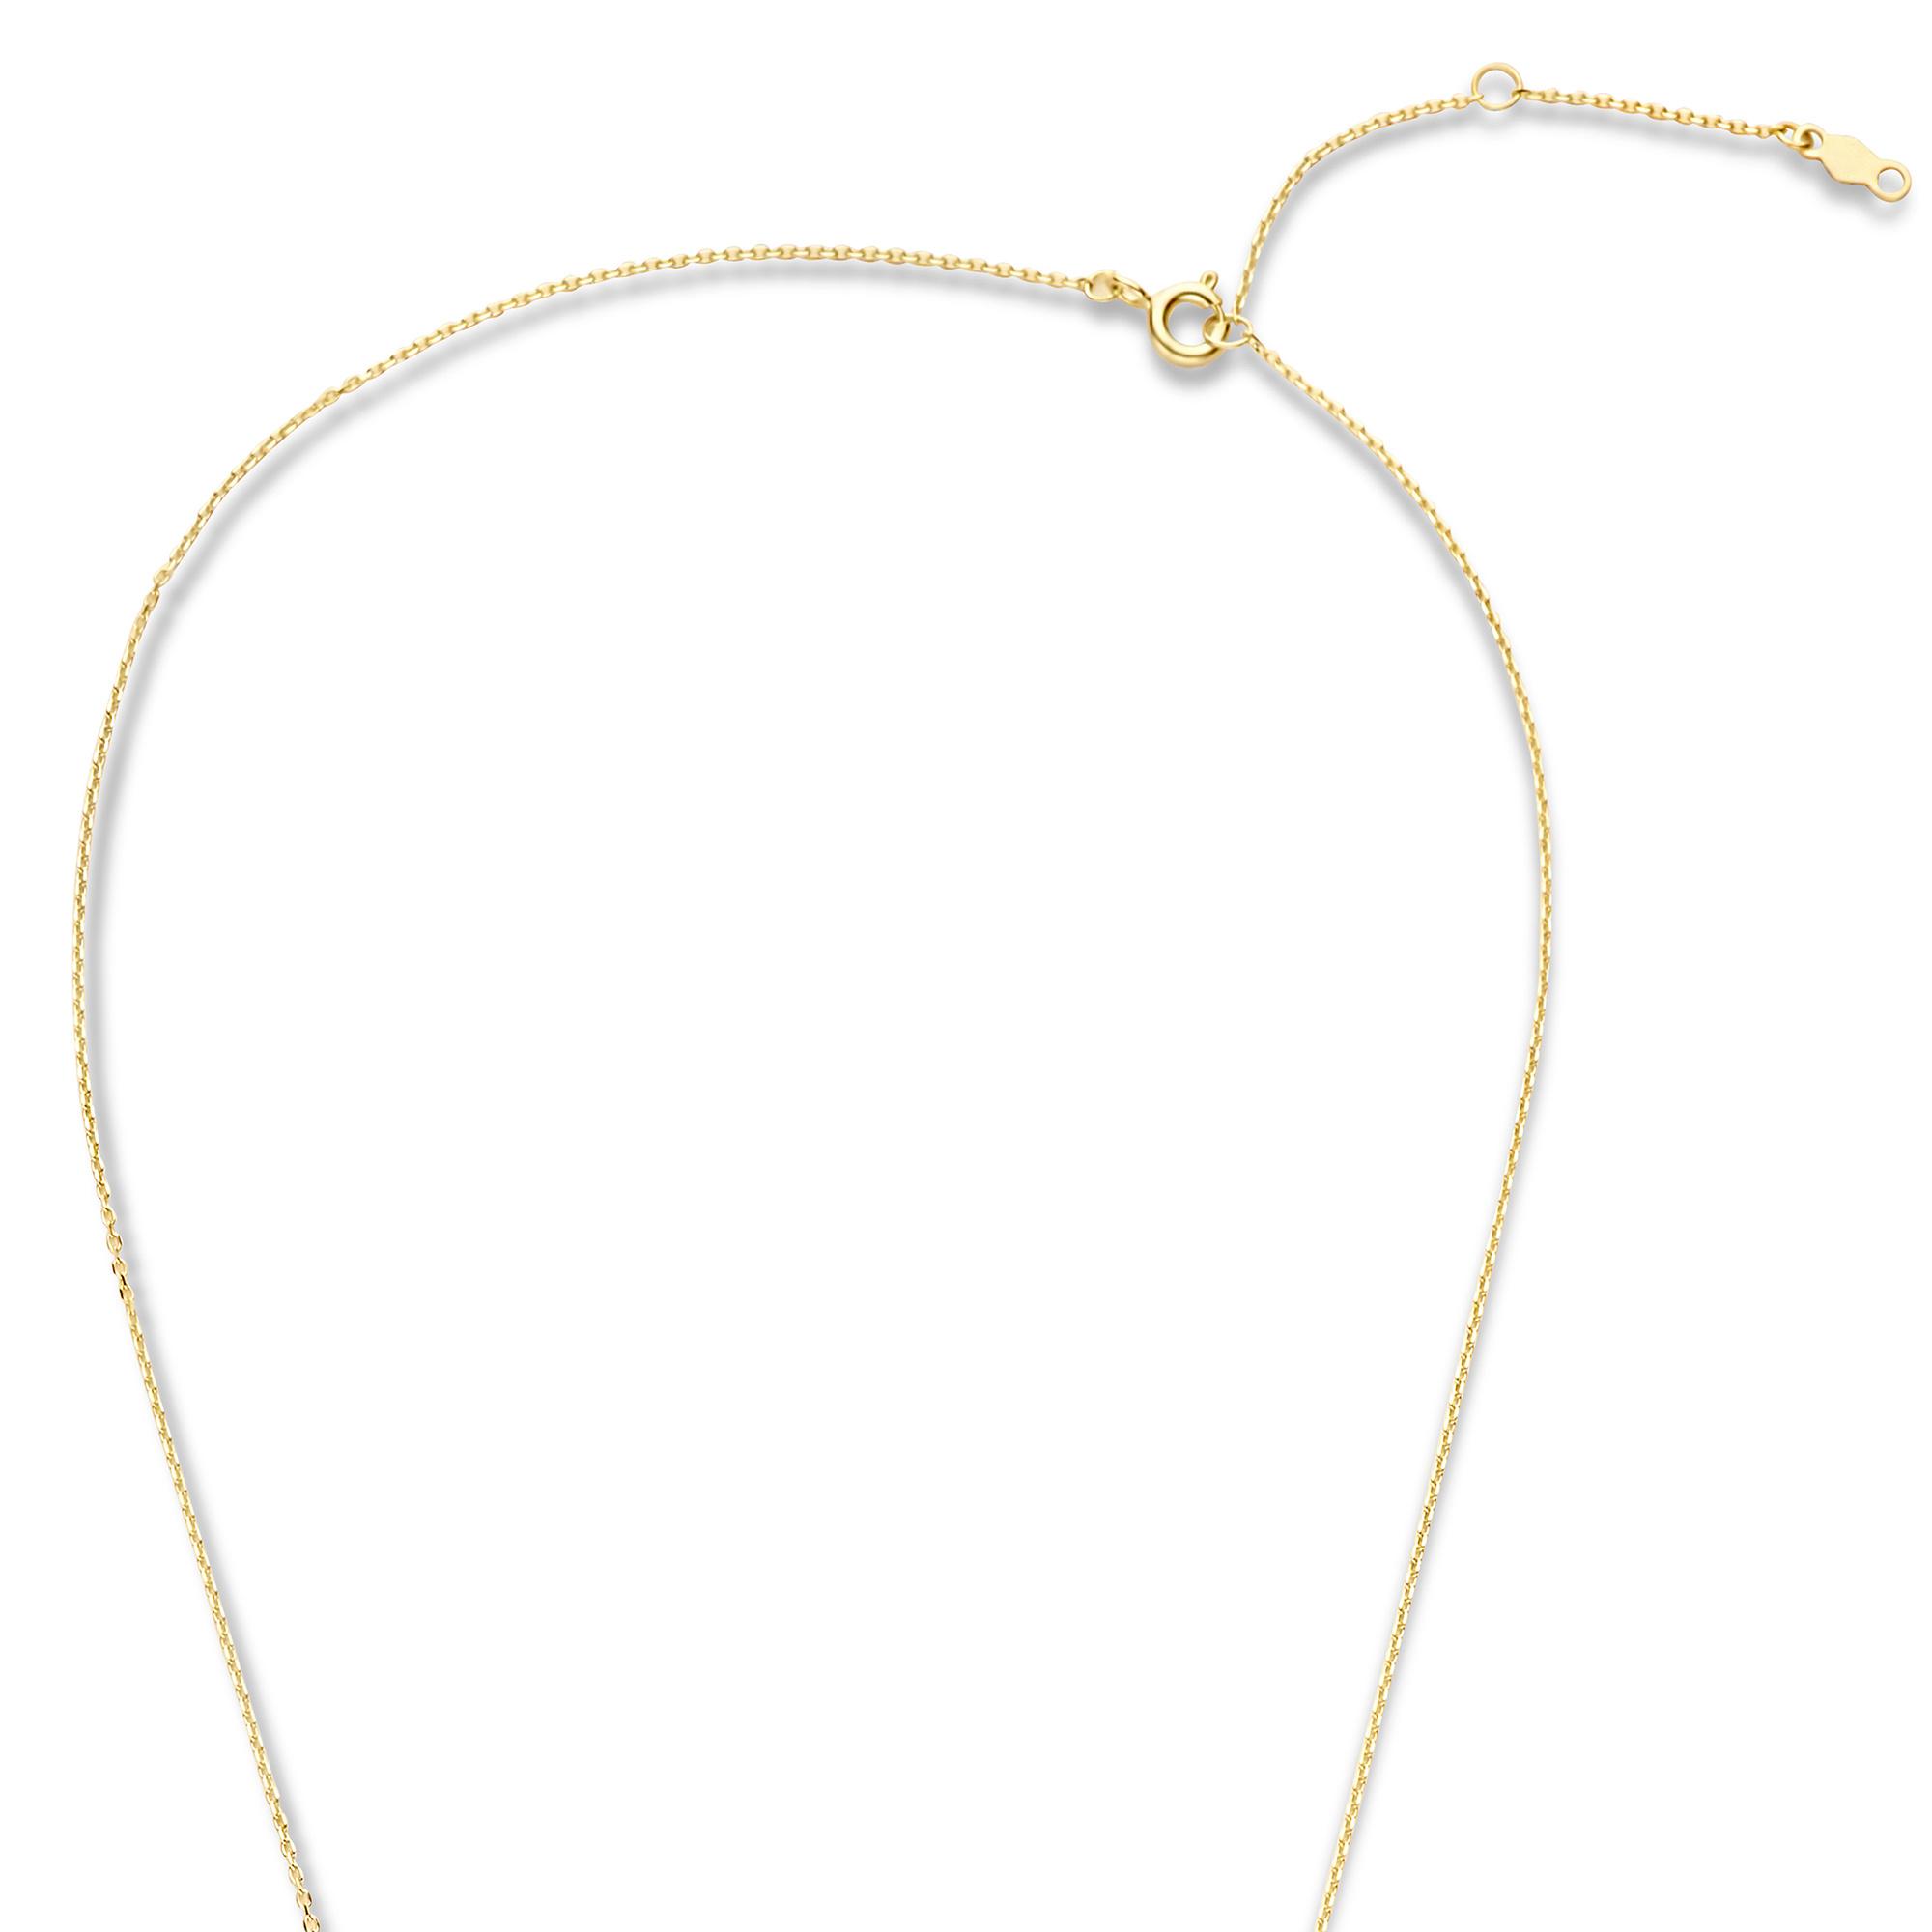 Violet Hamden Venus collier couleur or en argent sterling 925 avec pierre de naissance